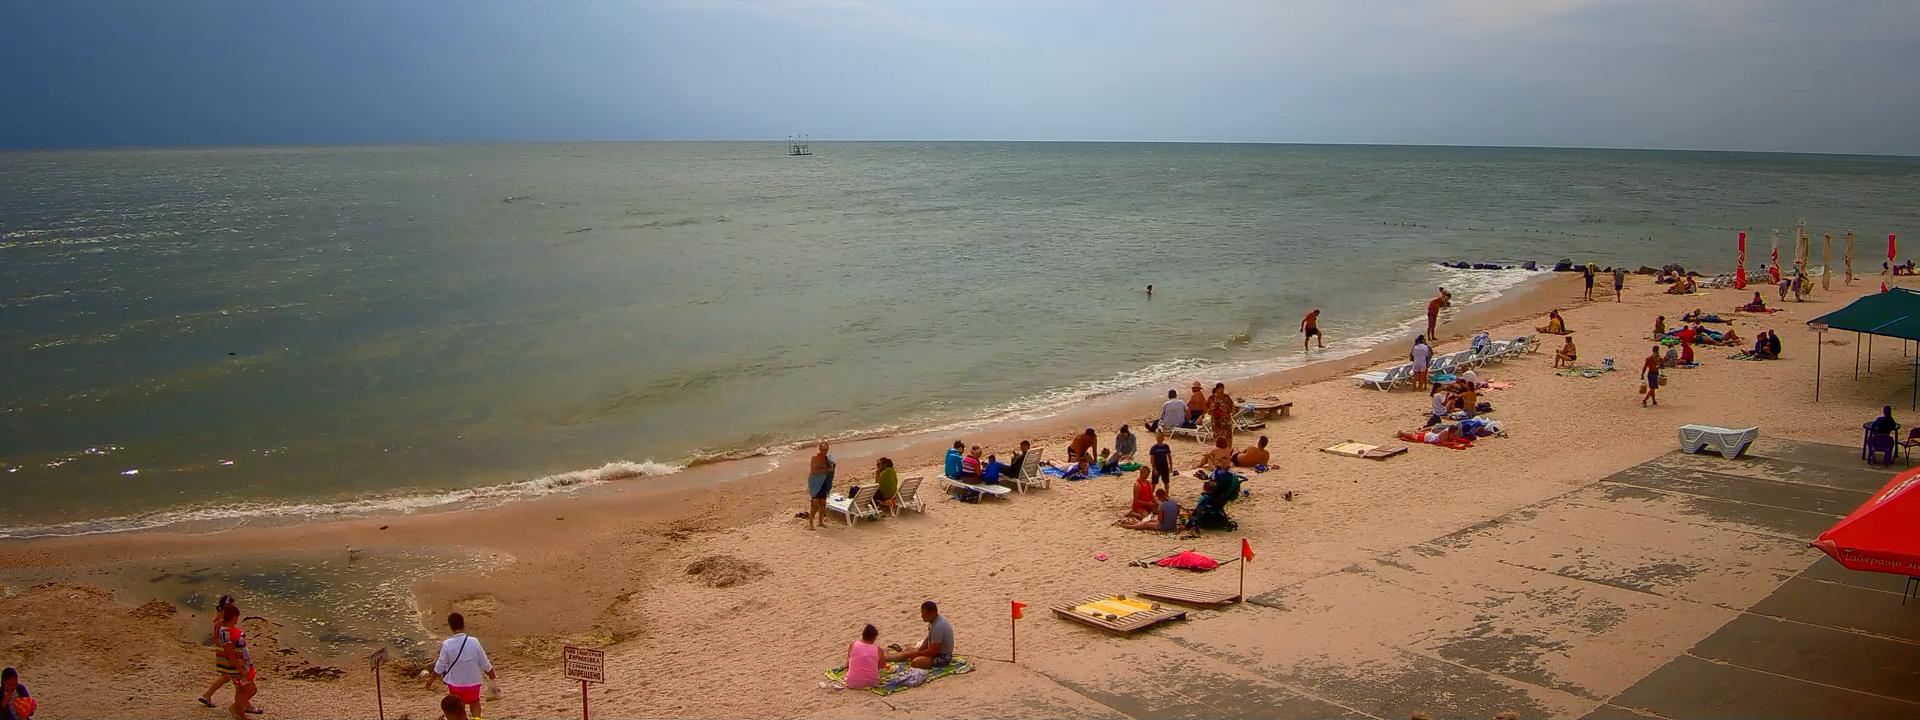 Море неспокойное: погода в Кирилловке, Бердянске, Приморске